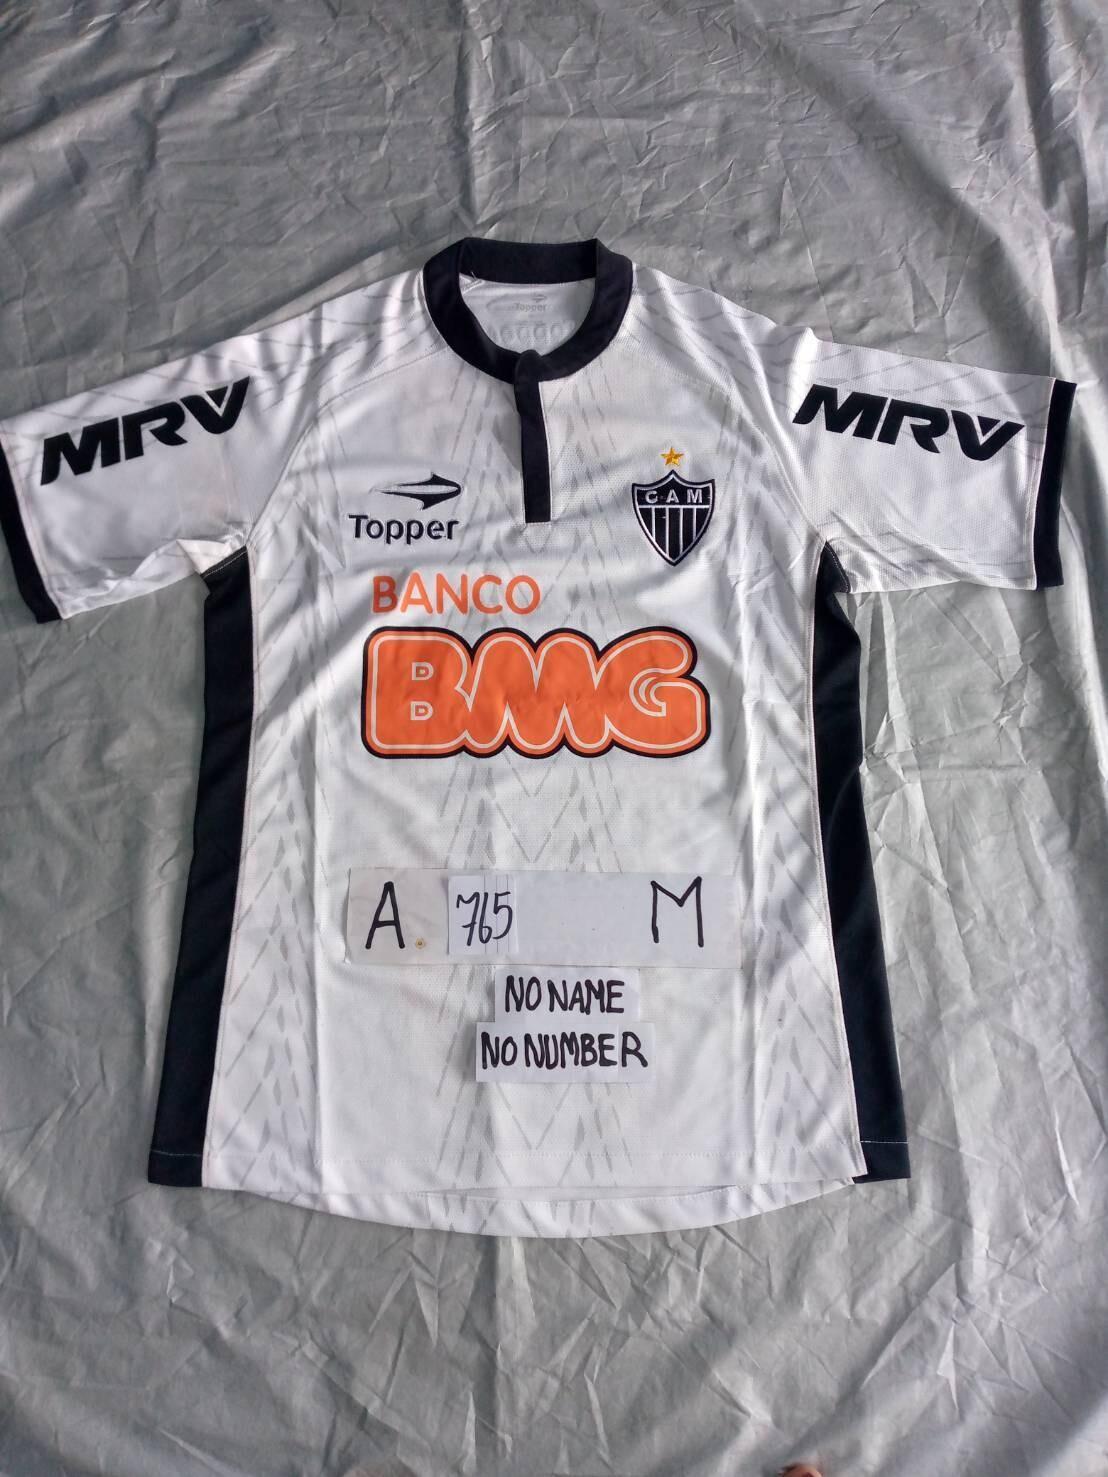 765 CLUB ATLETICO MINEIRO TAGLIA M SIZE M